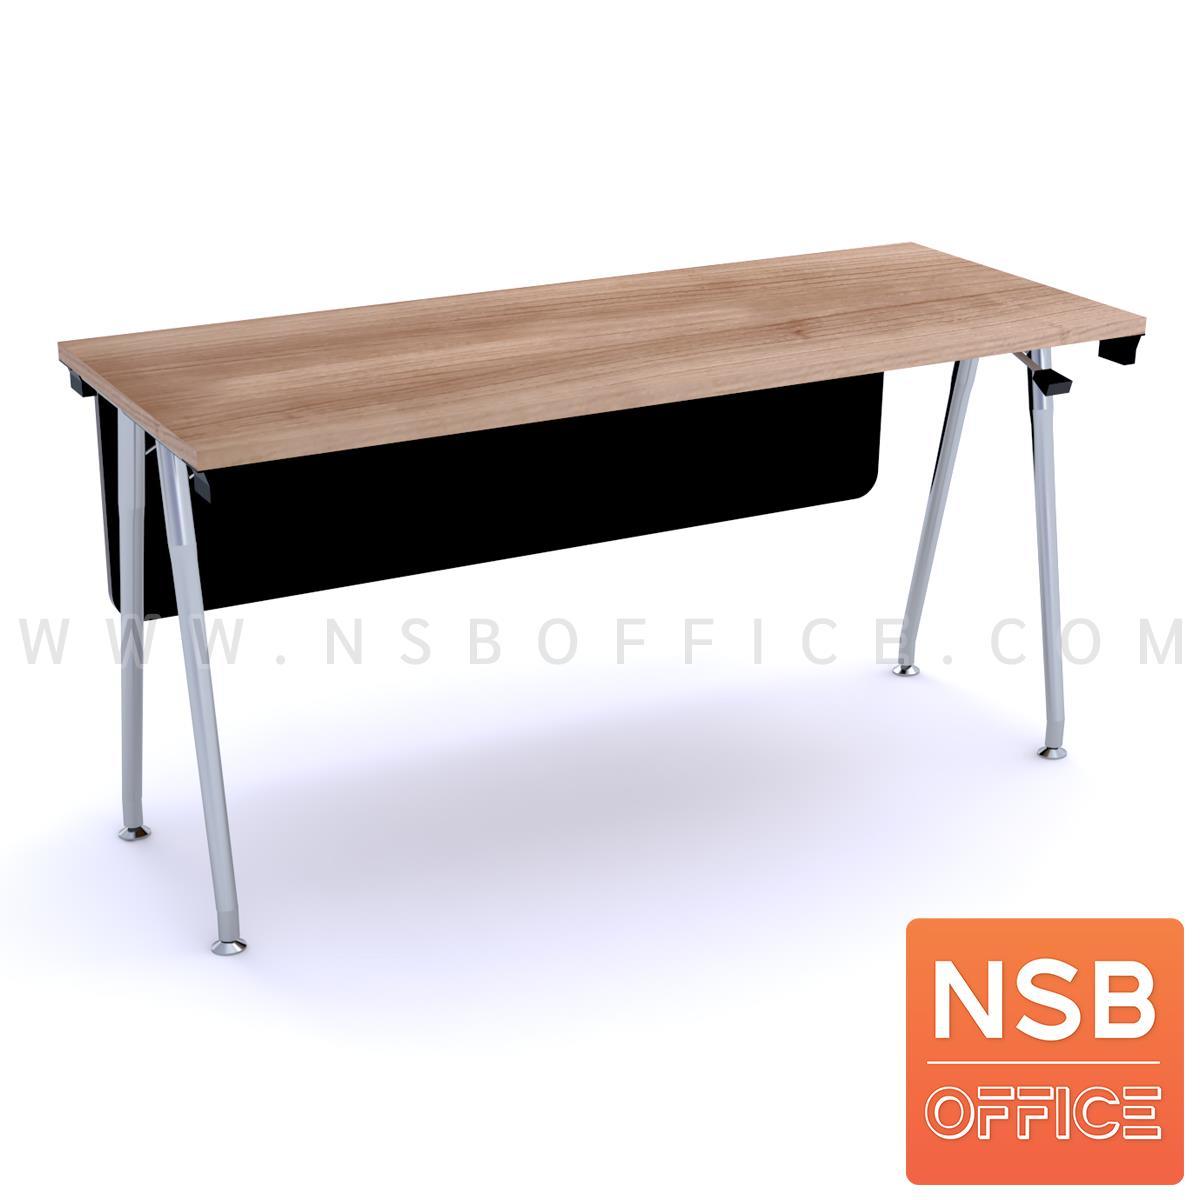 โต๊ะประชุมพับเก็บได้ รุ่น Barbour (บาร์เบอร์) ขนาด 150W ,180W*60D cm.  พร้อมบังตาไม้ ขาเหล็กวีคว่ำ